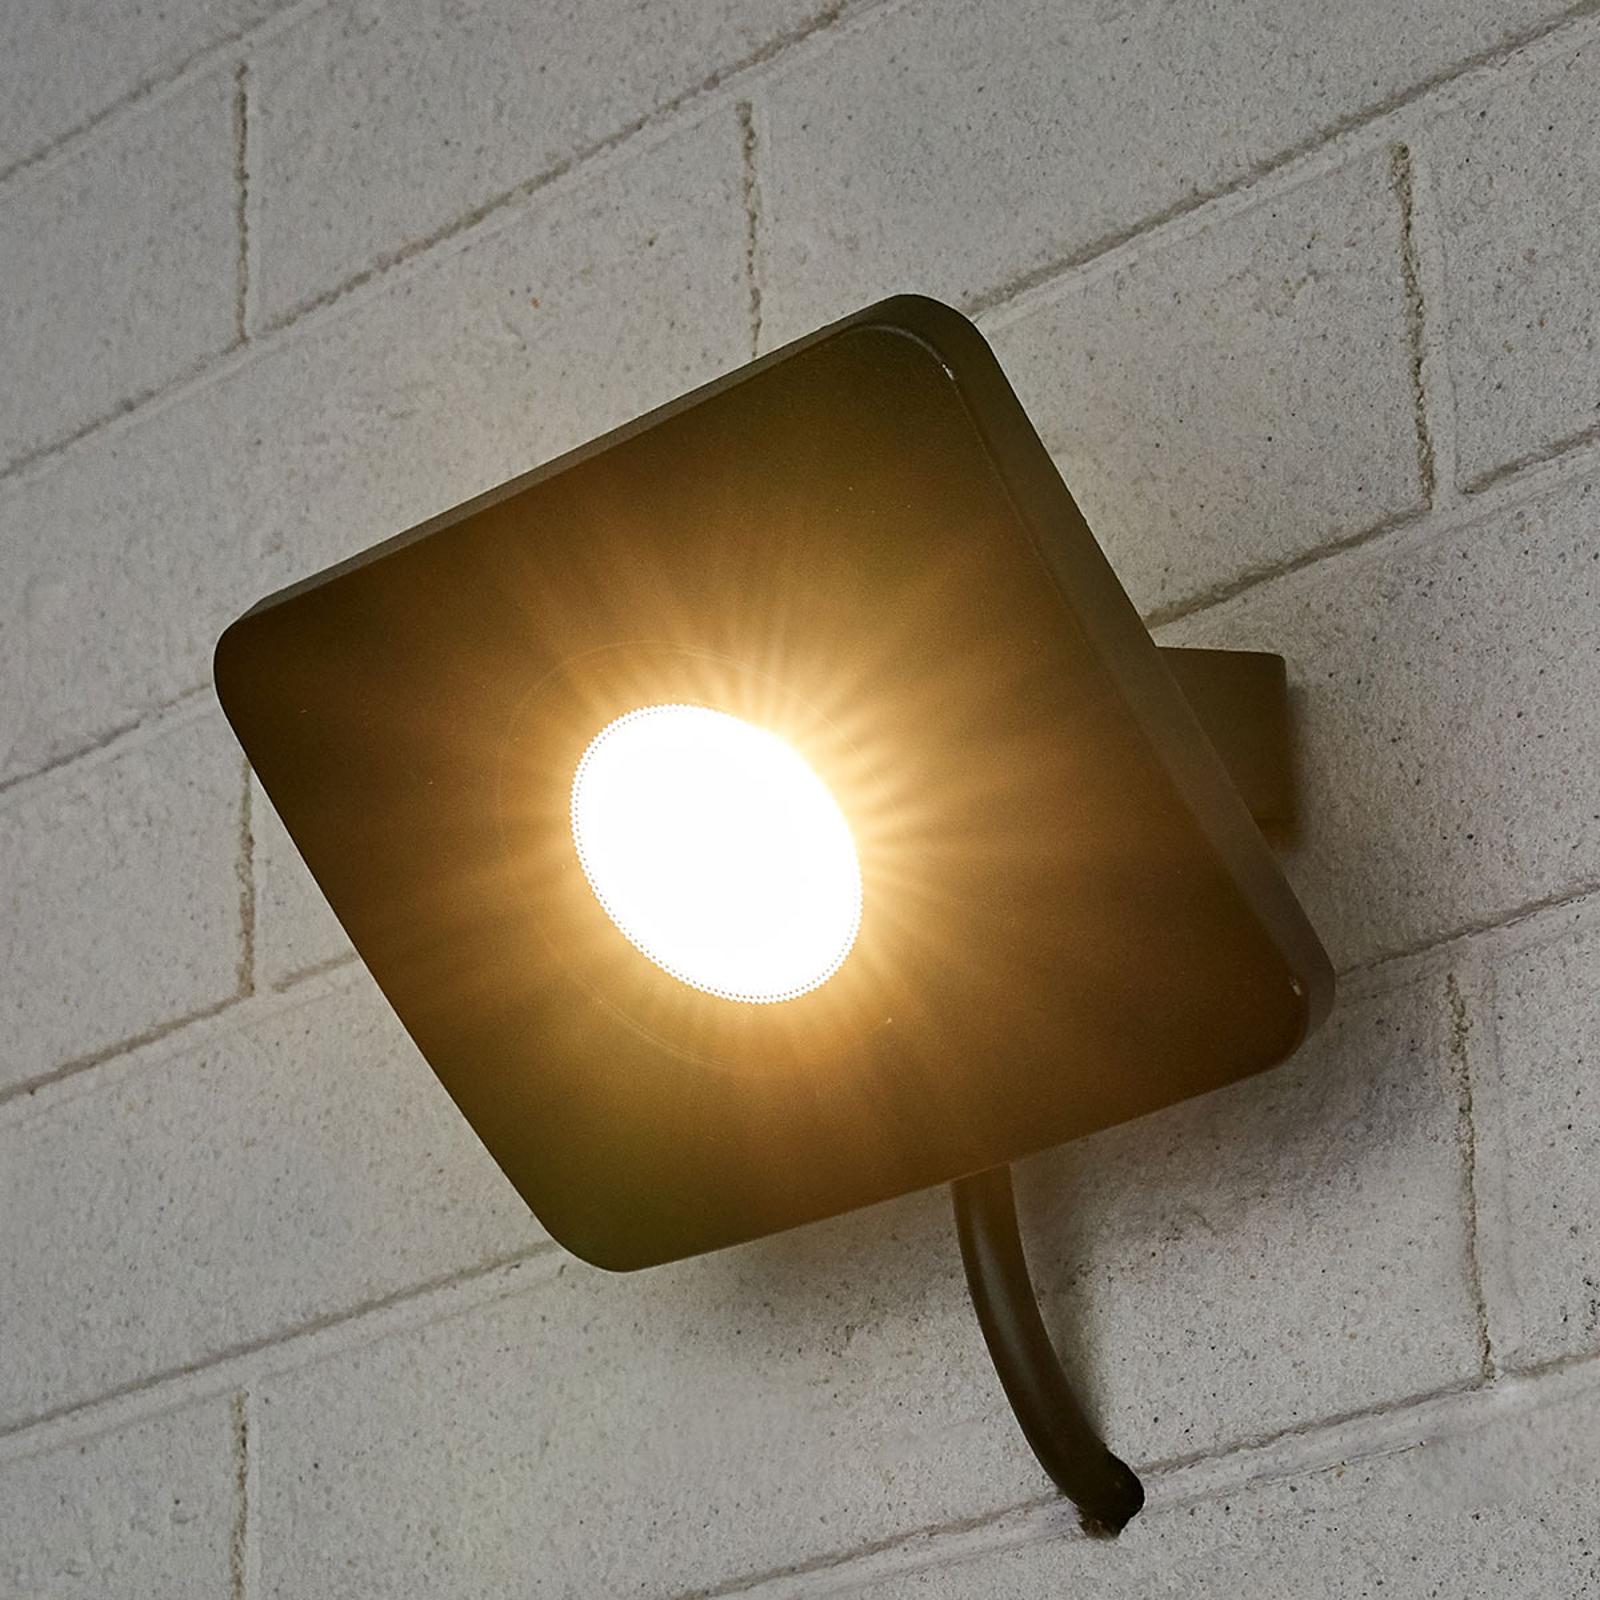 Zewnętrzny reflektor ścienny LED Duke, 20W